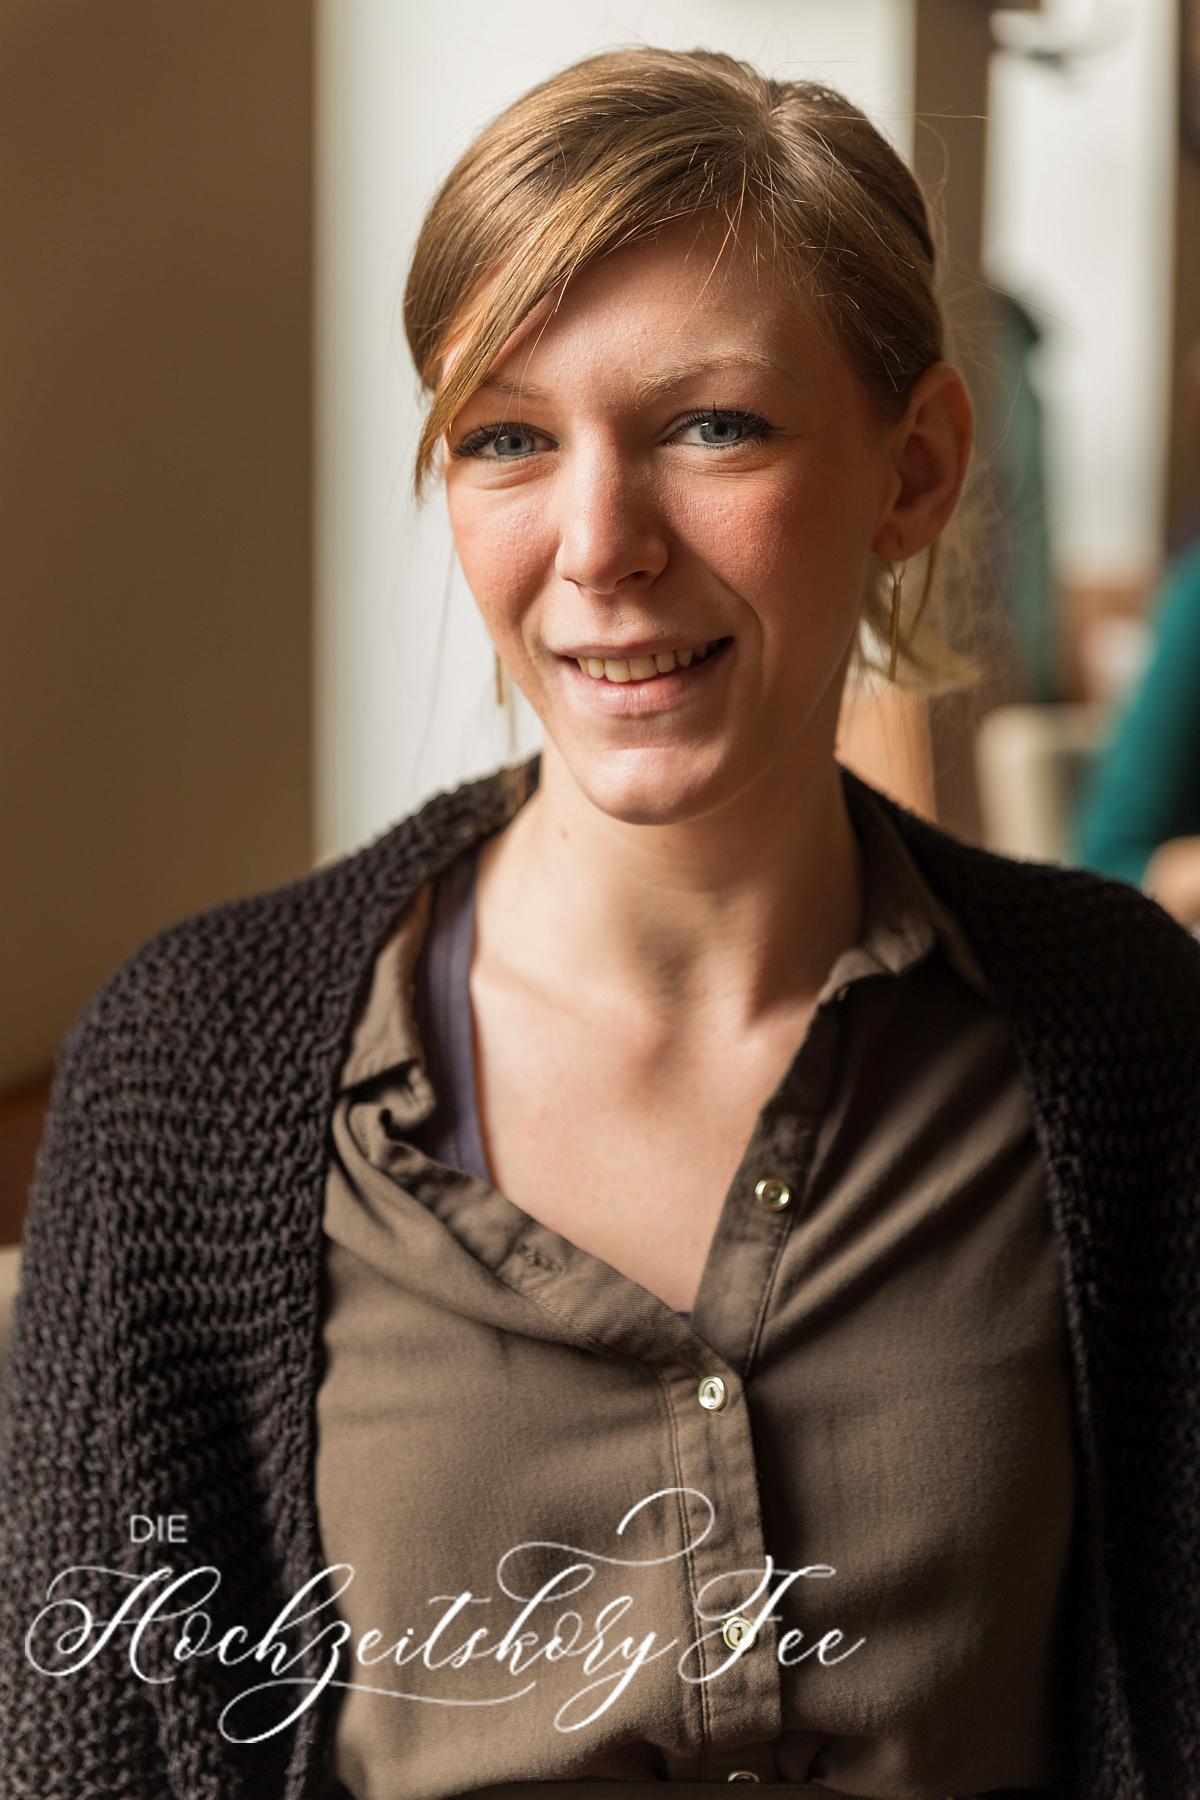 Die Hochzeitskoryfee Sabine Bernt